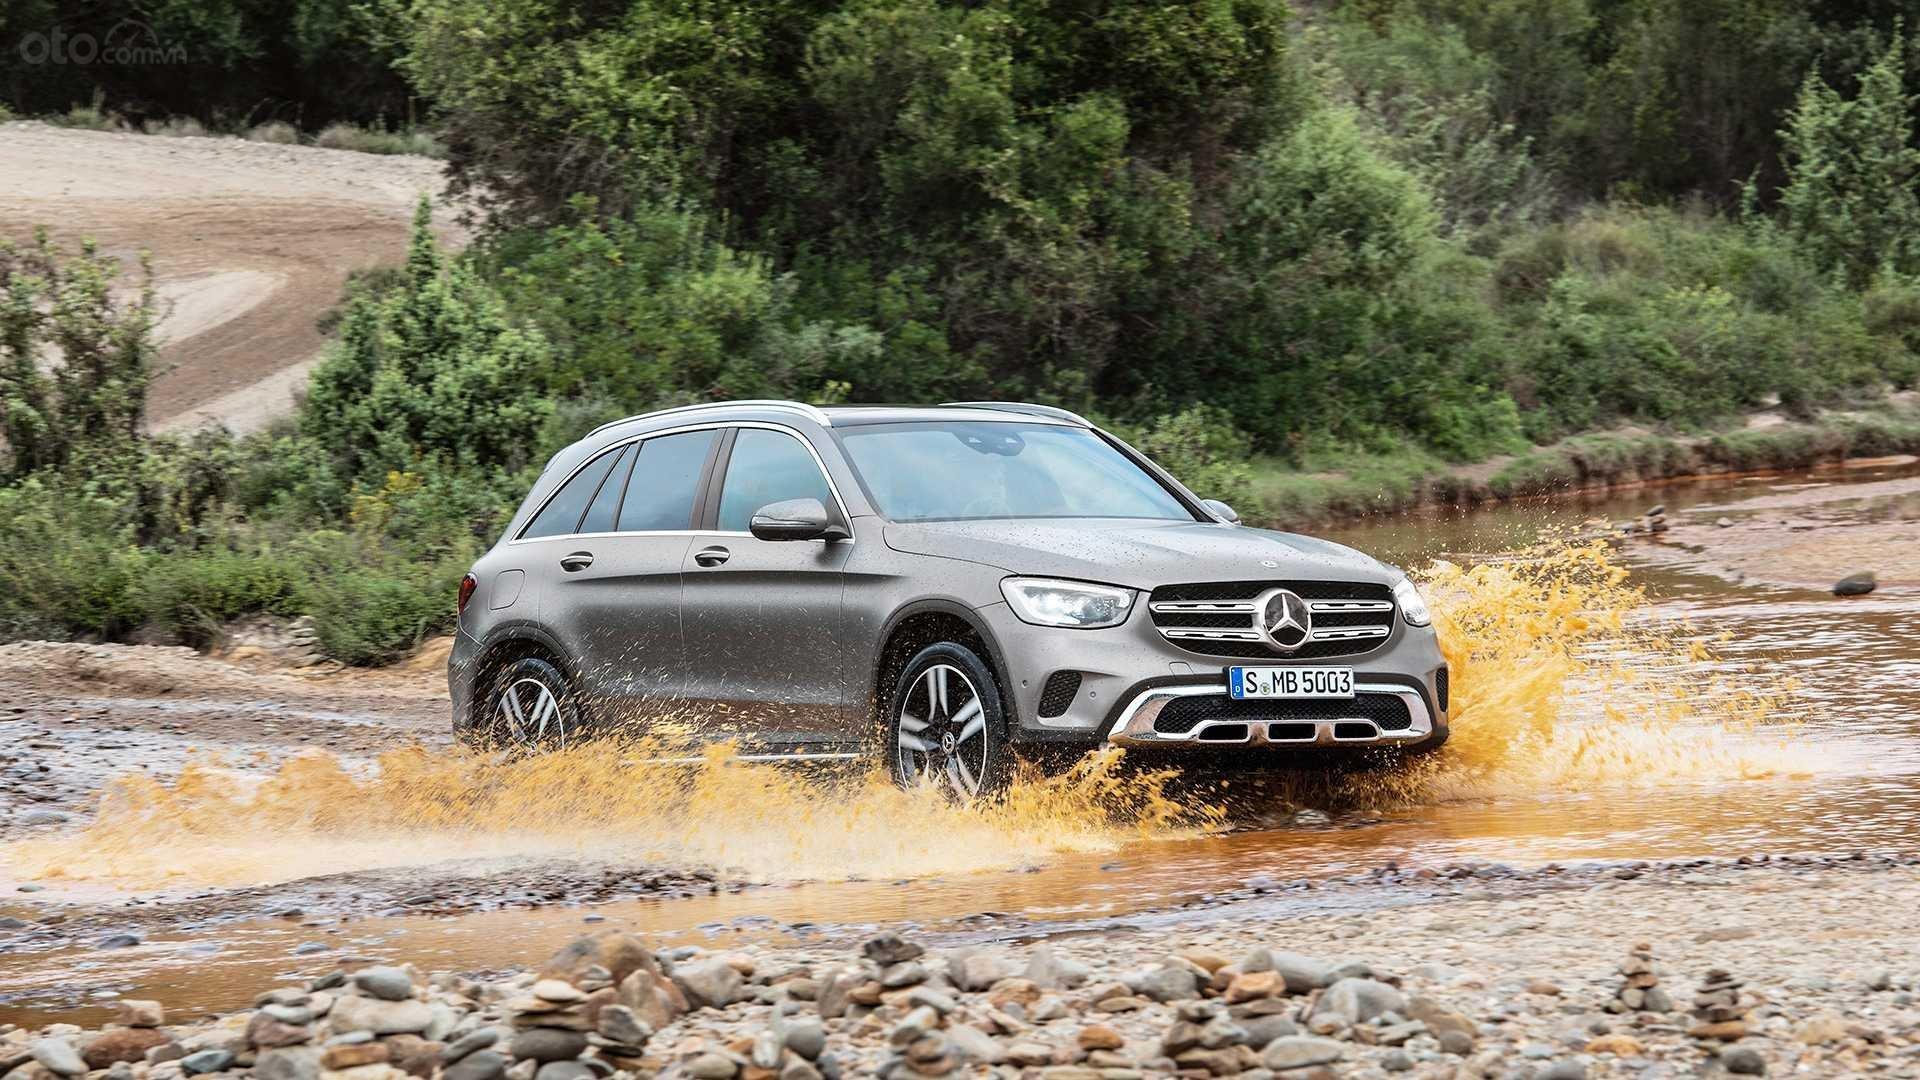 Mercedes-Benz GLC-Class 2020 đang lội nước